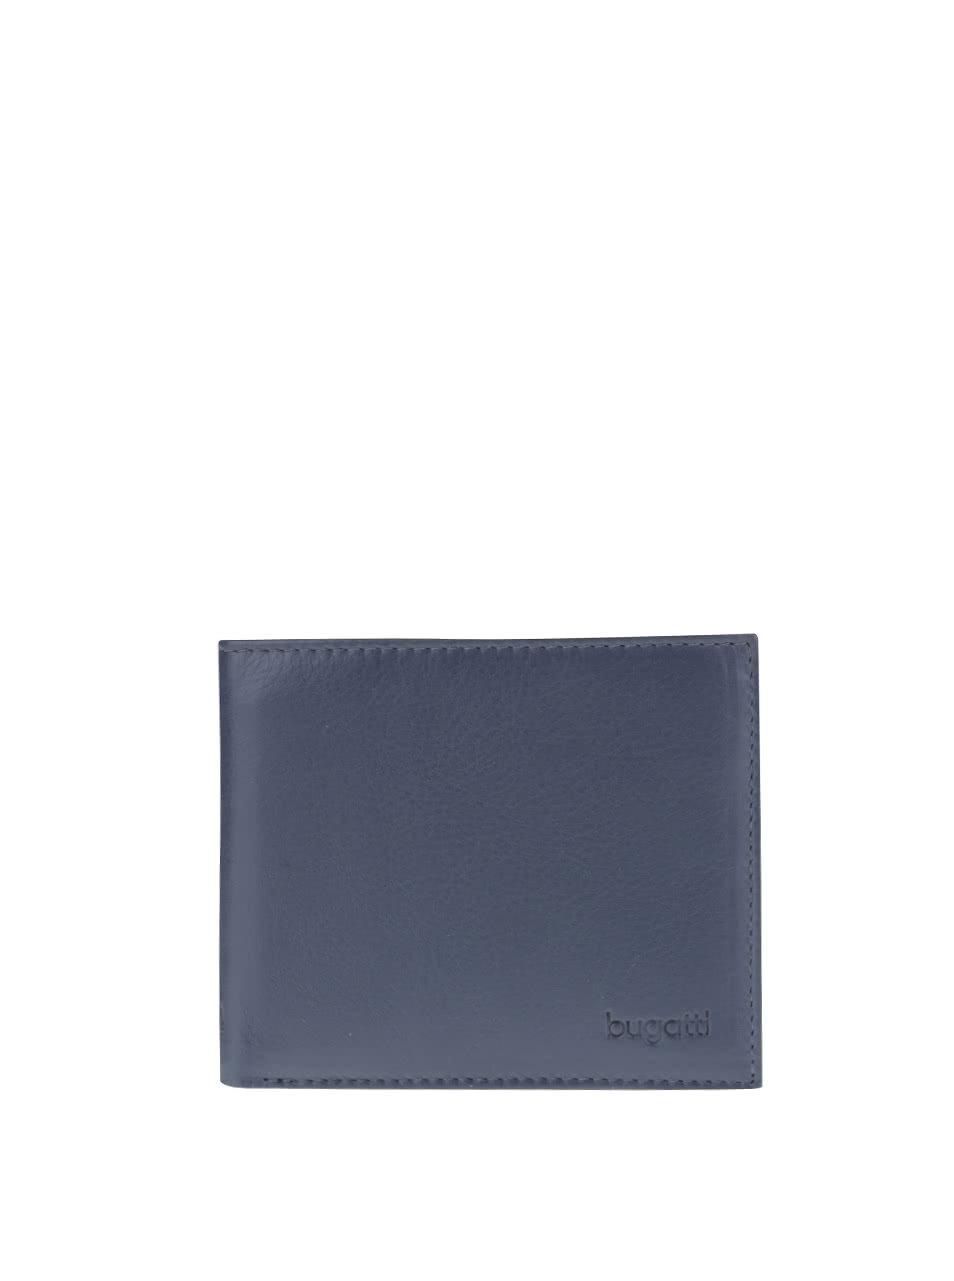 91347e5664 Tmavomodrá pánska kožená peňaženka bugatti Sempre ...